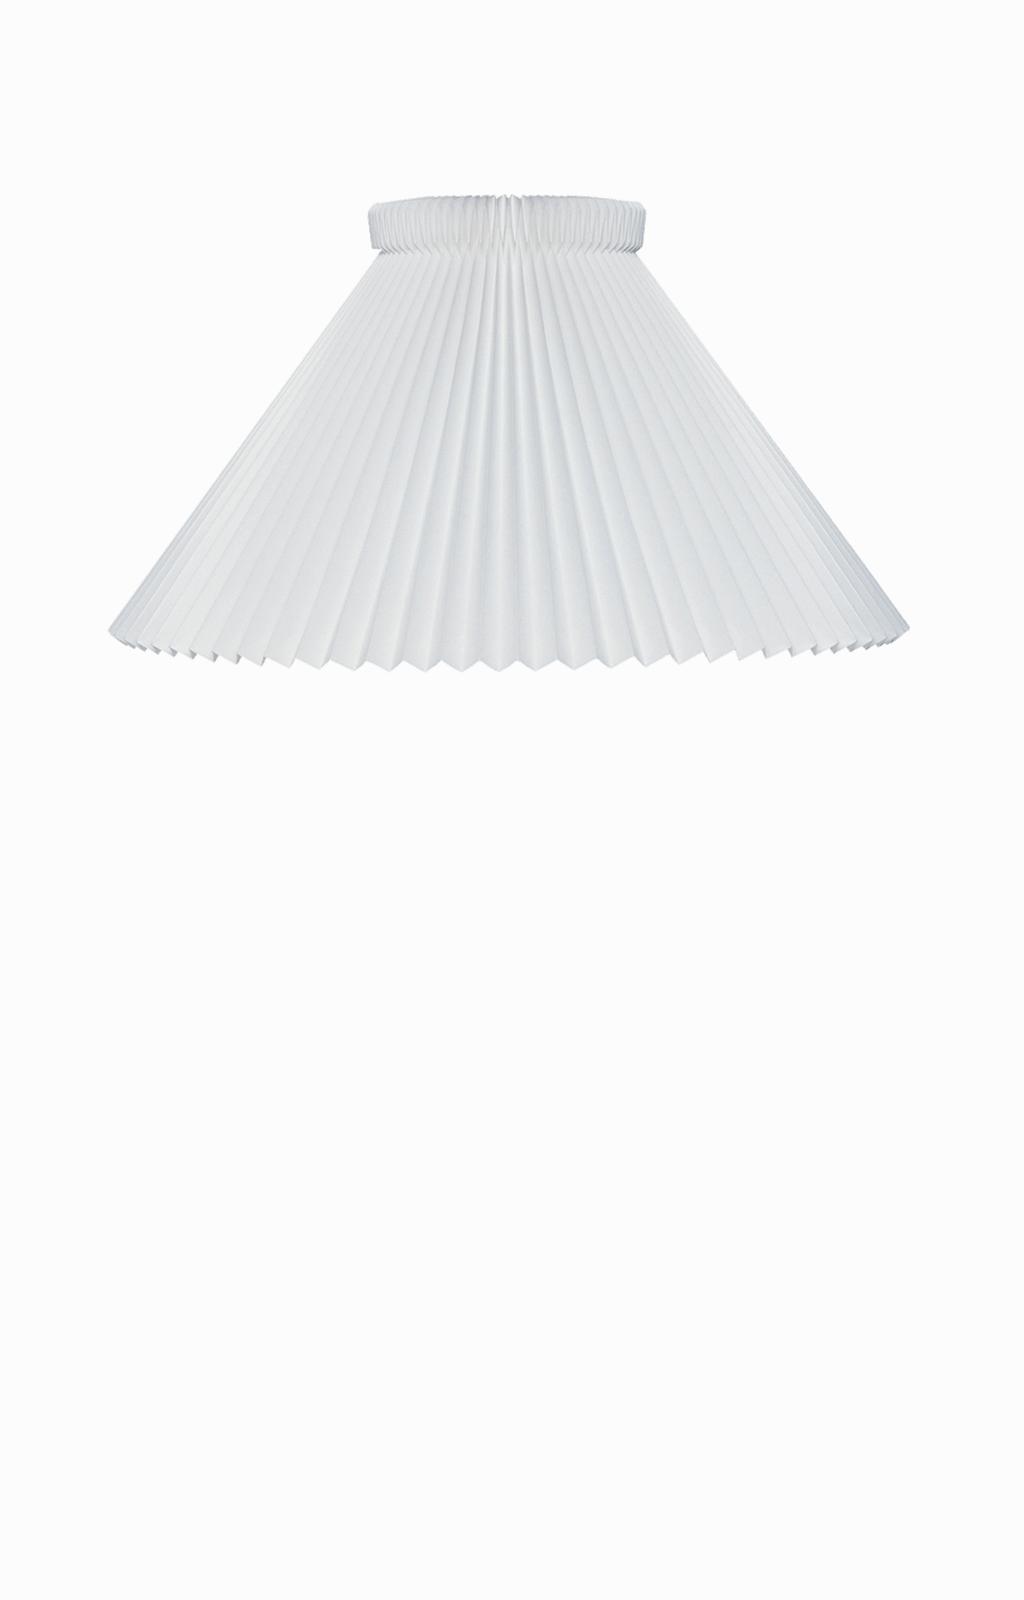 Lampa wisząca Model 1 - 14 cm